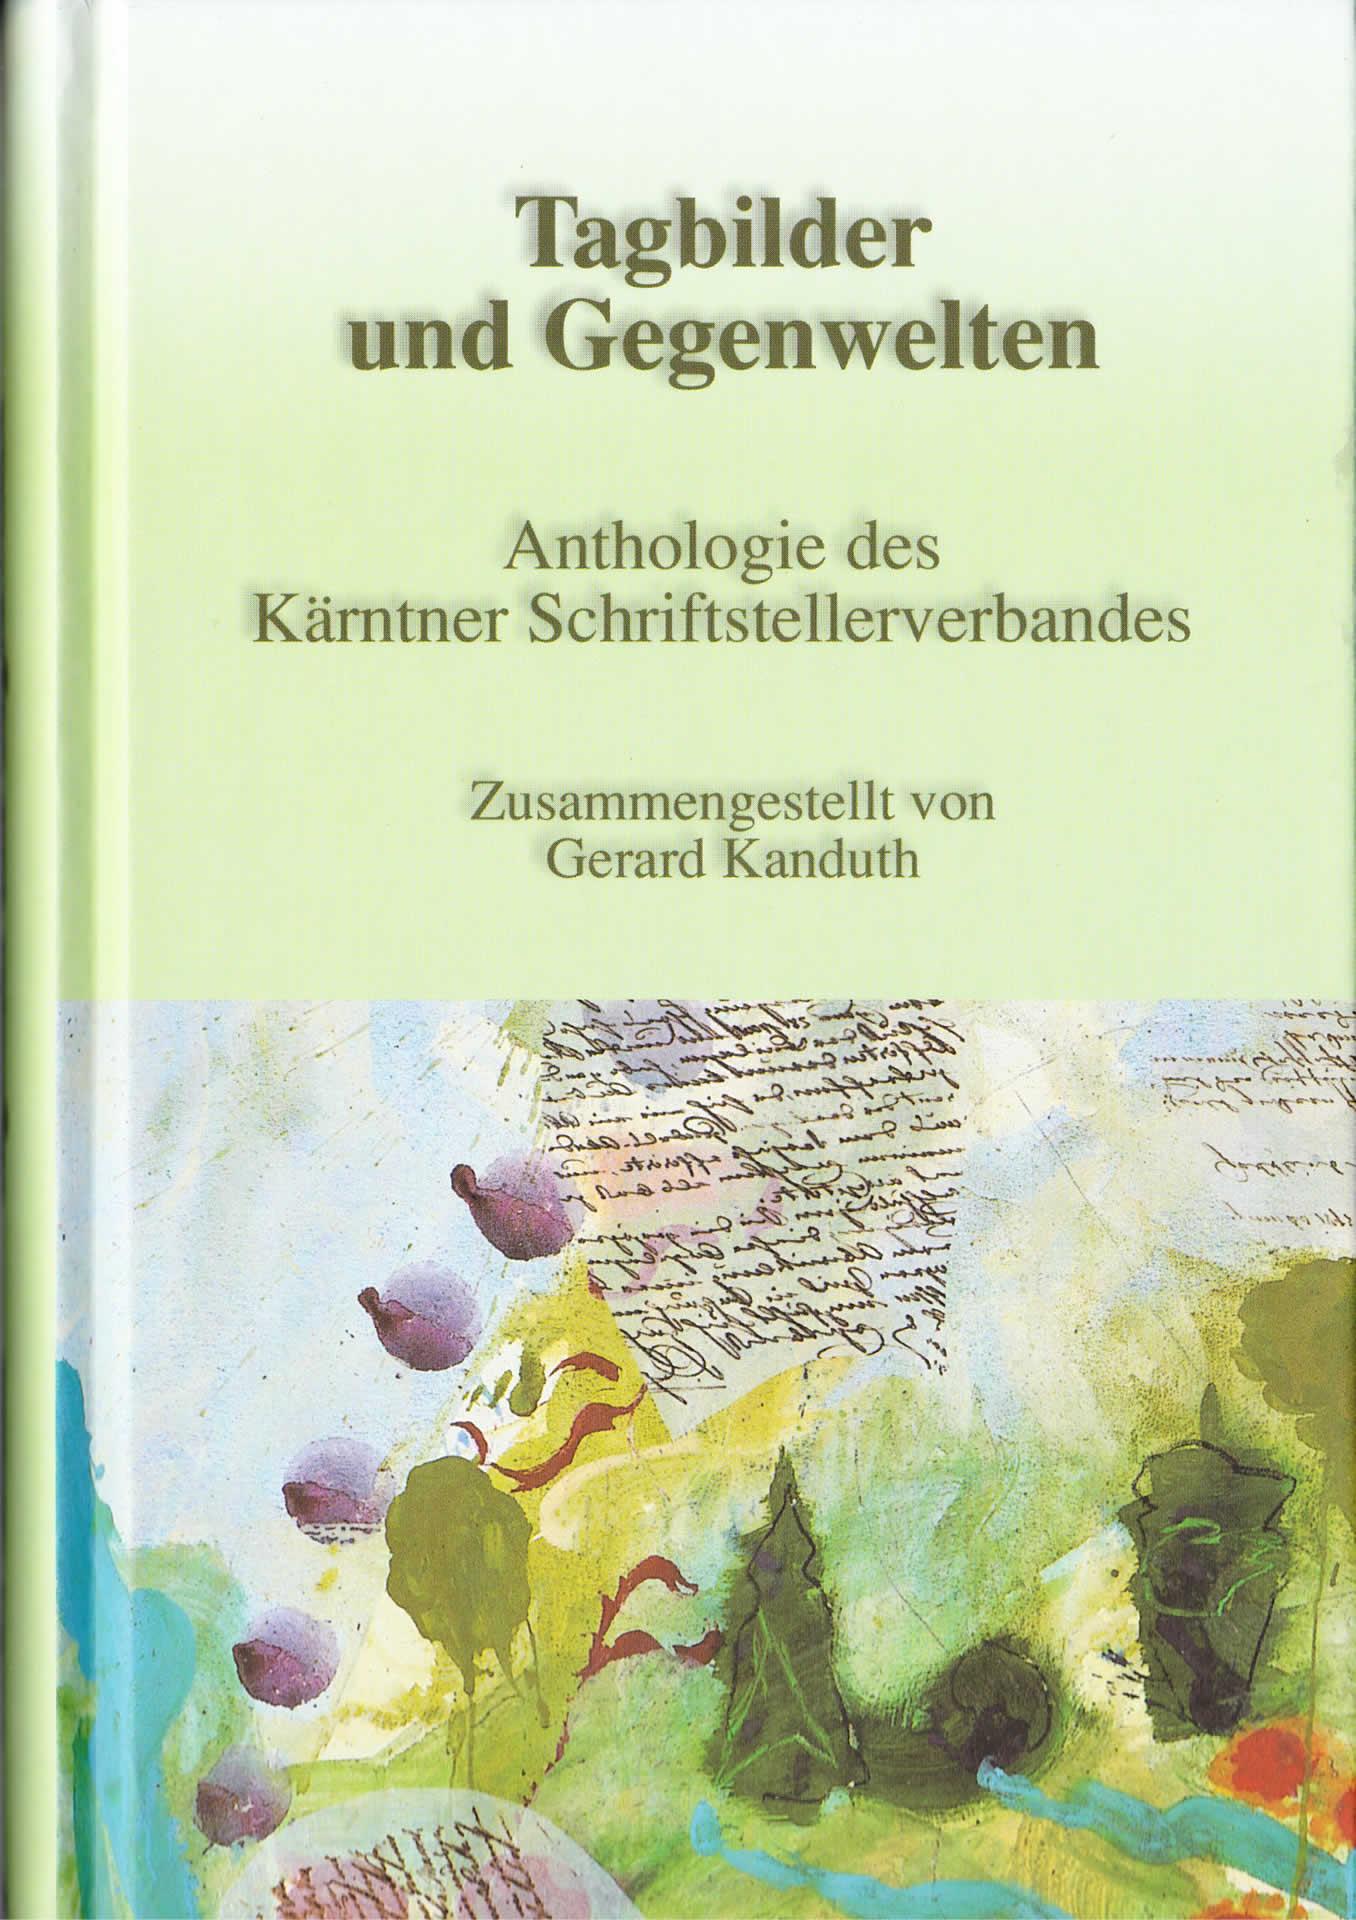 Tagbilder und Gegenwelten | Anthologie des Kärntner Schriftstellerverbandes | 2004